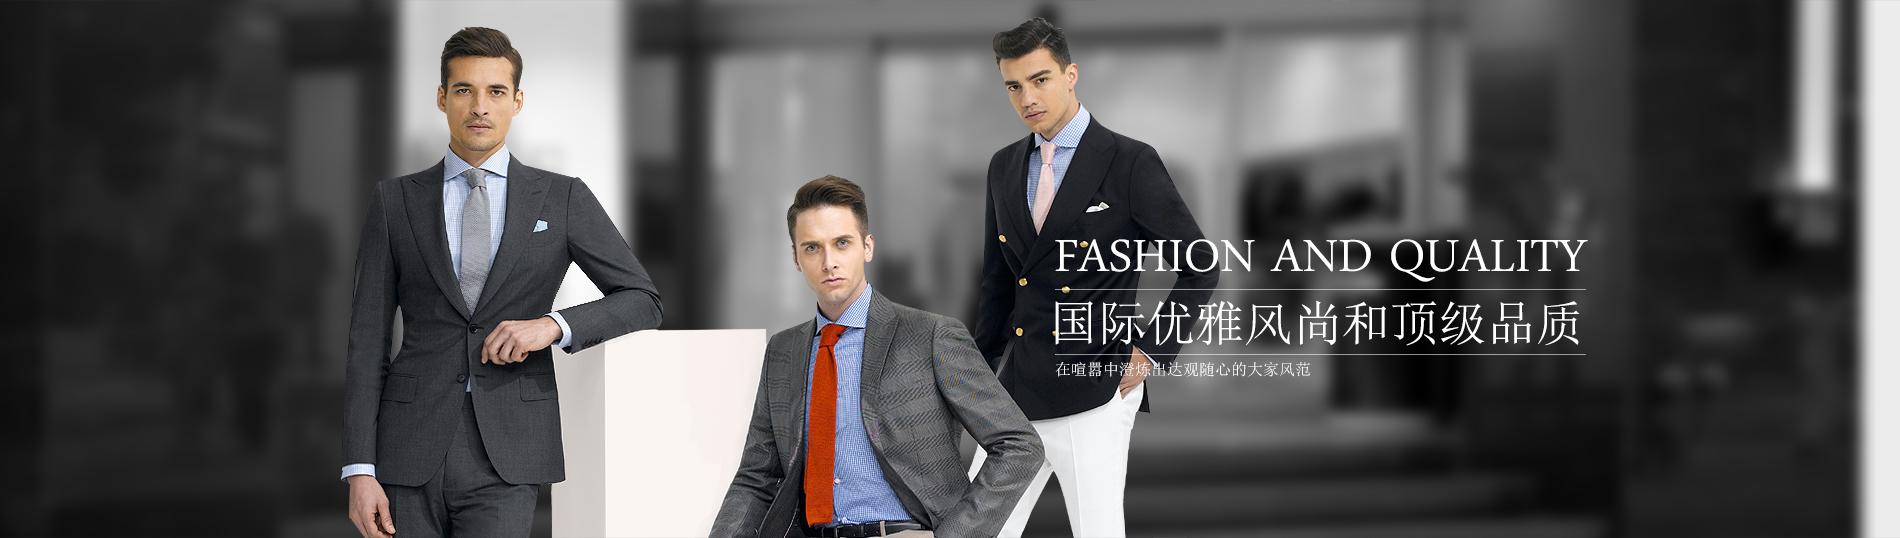 重庆职业装定做,重庆职业装定制公司